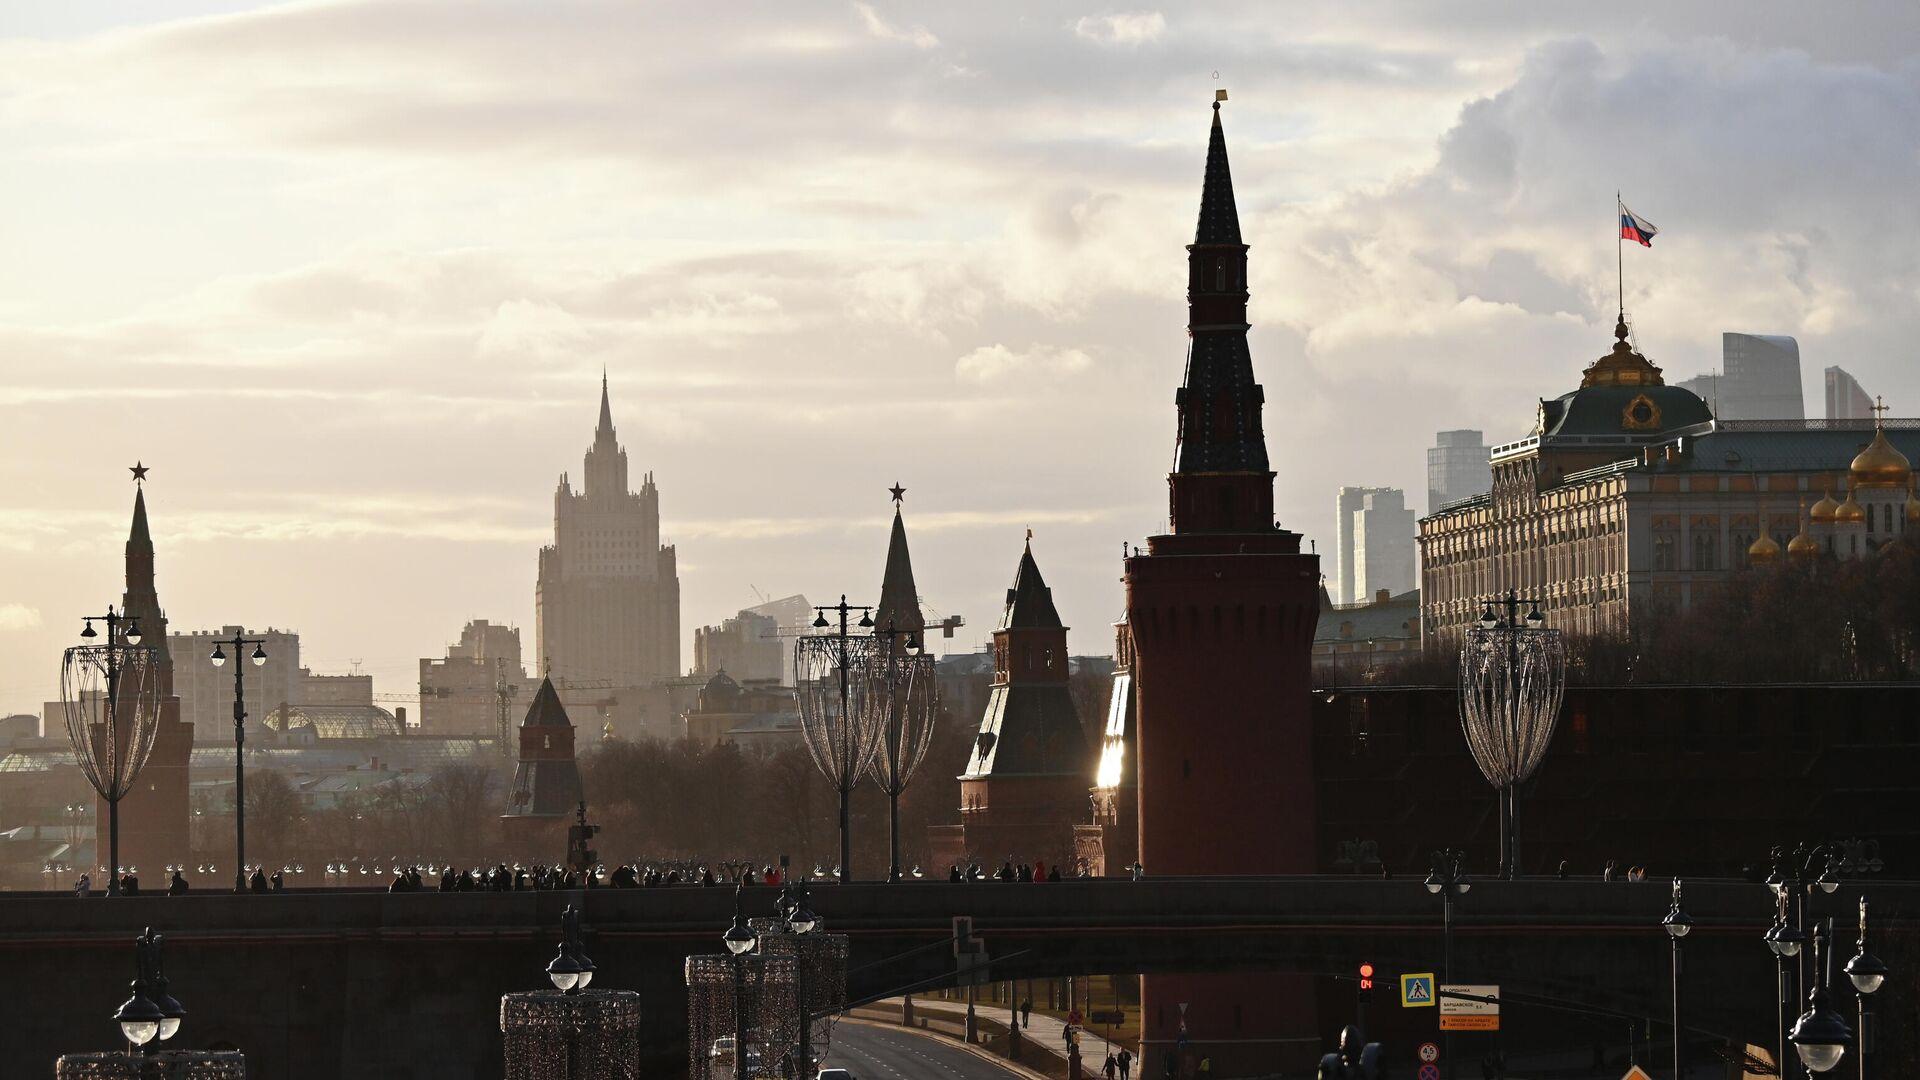 Московский Кремль - РИА Новости, 1920, 07.09.2020